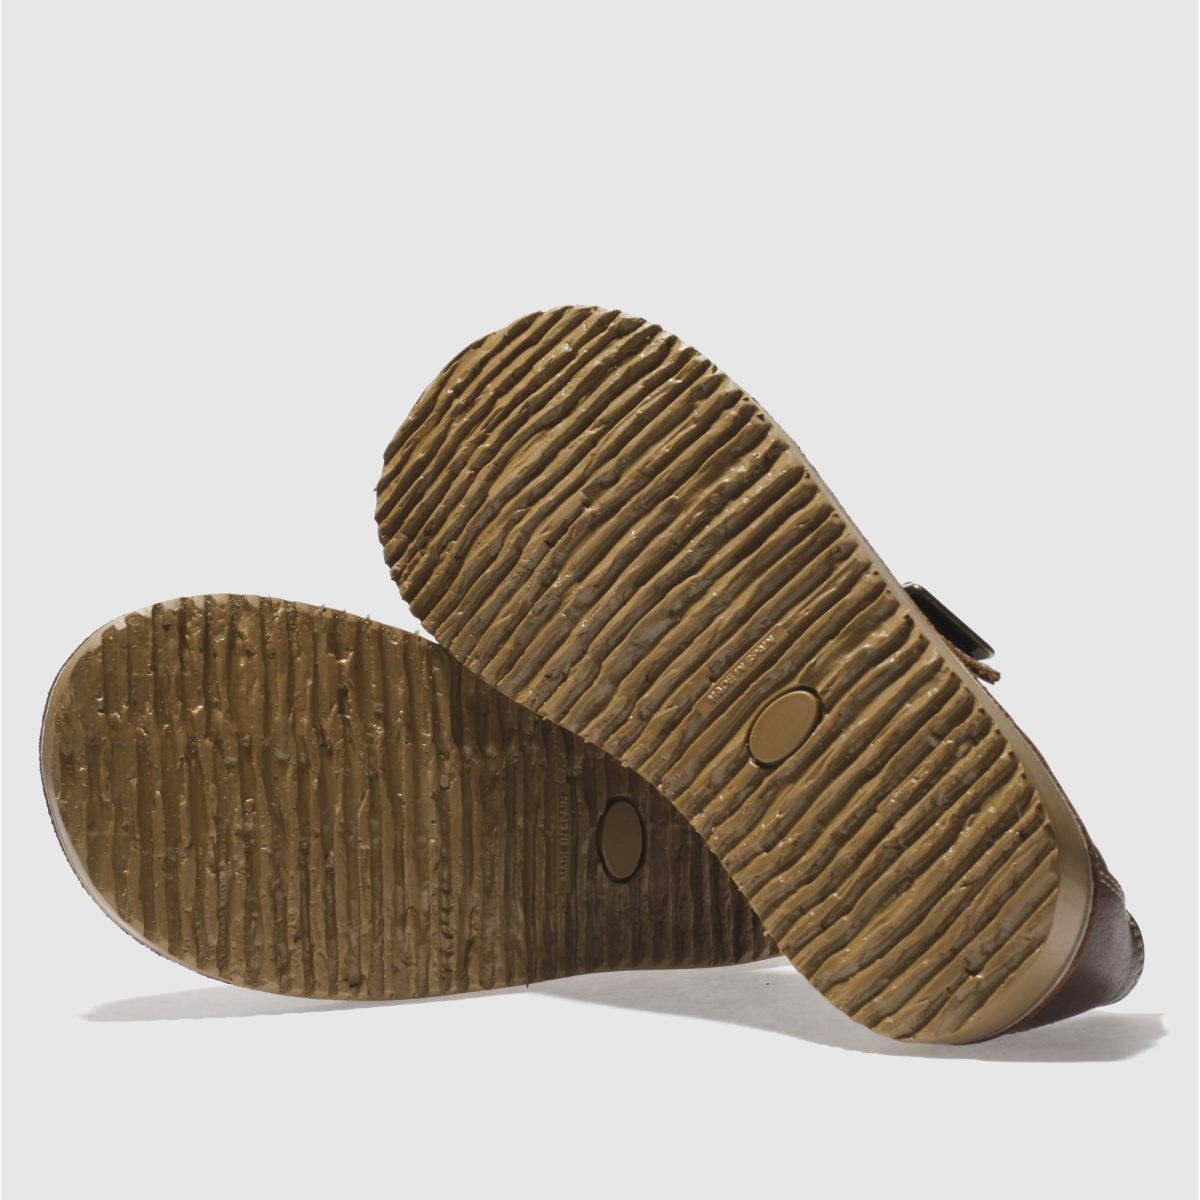 Damen Hellbraun red or dead Jade Flats beliebte | schuh Gute Qualität beliebte Flats Schuhe 56cb87